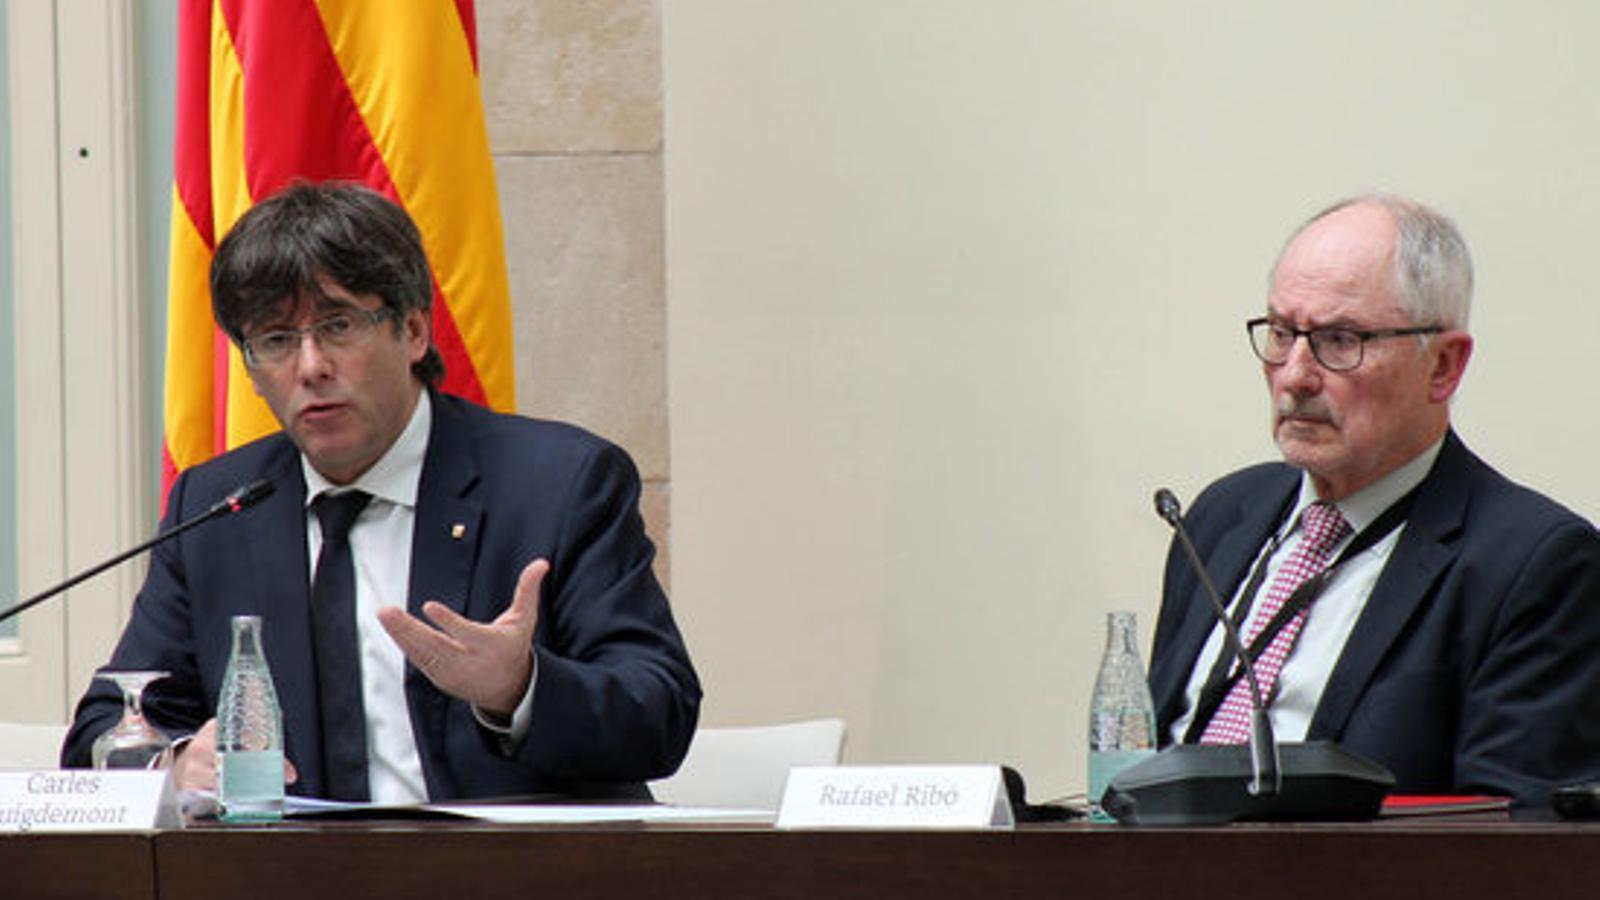 El president de la Generalitat, Carles Puigdemont, i el Síndic de Greuges, Rafael Ribó